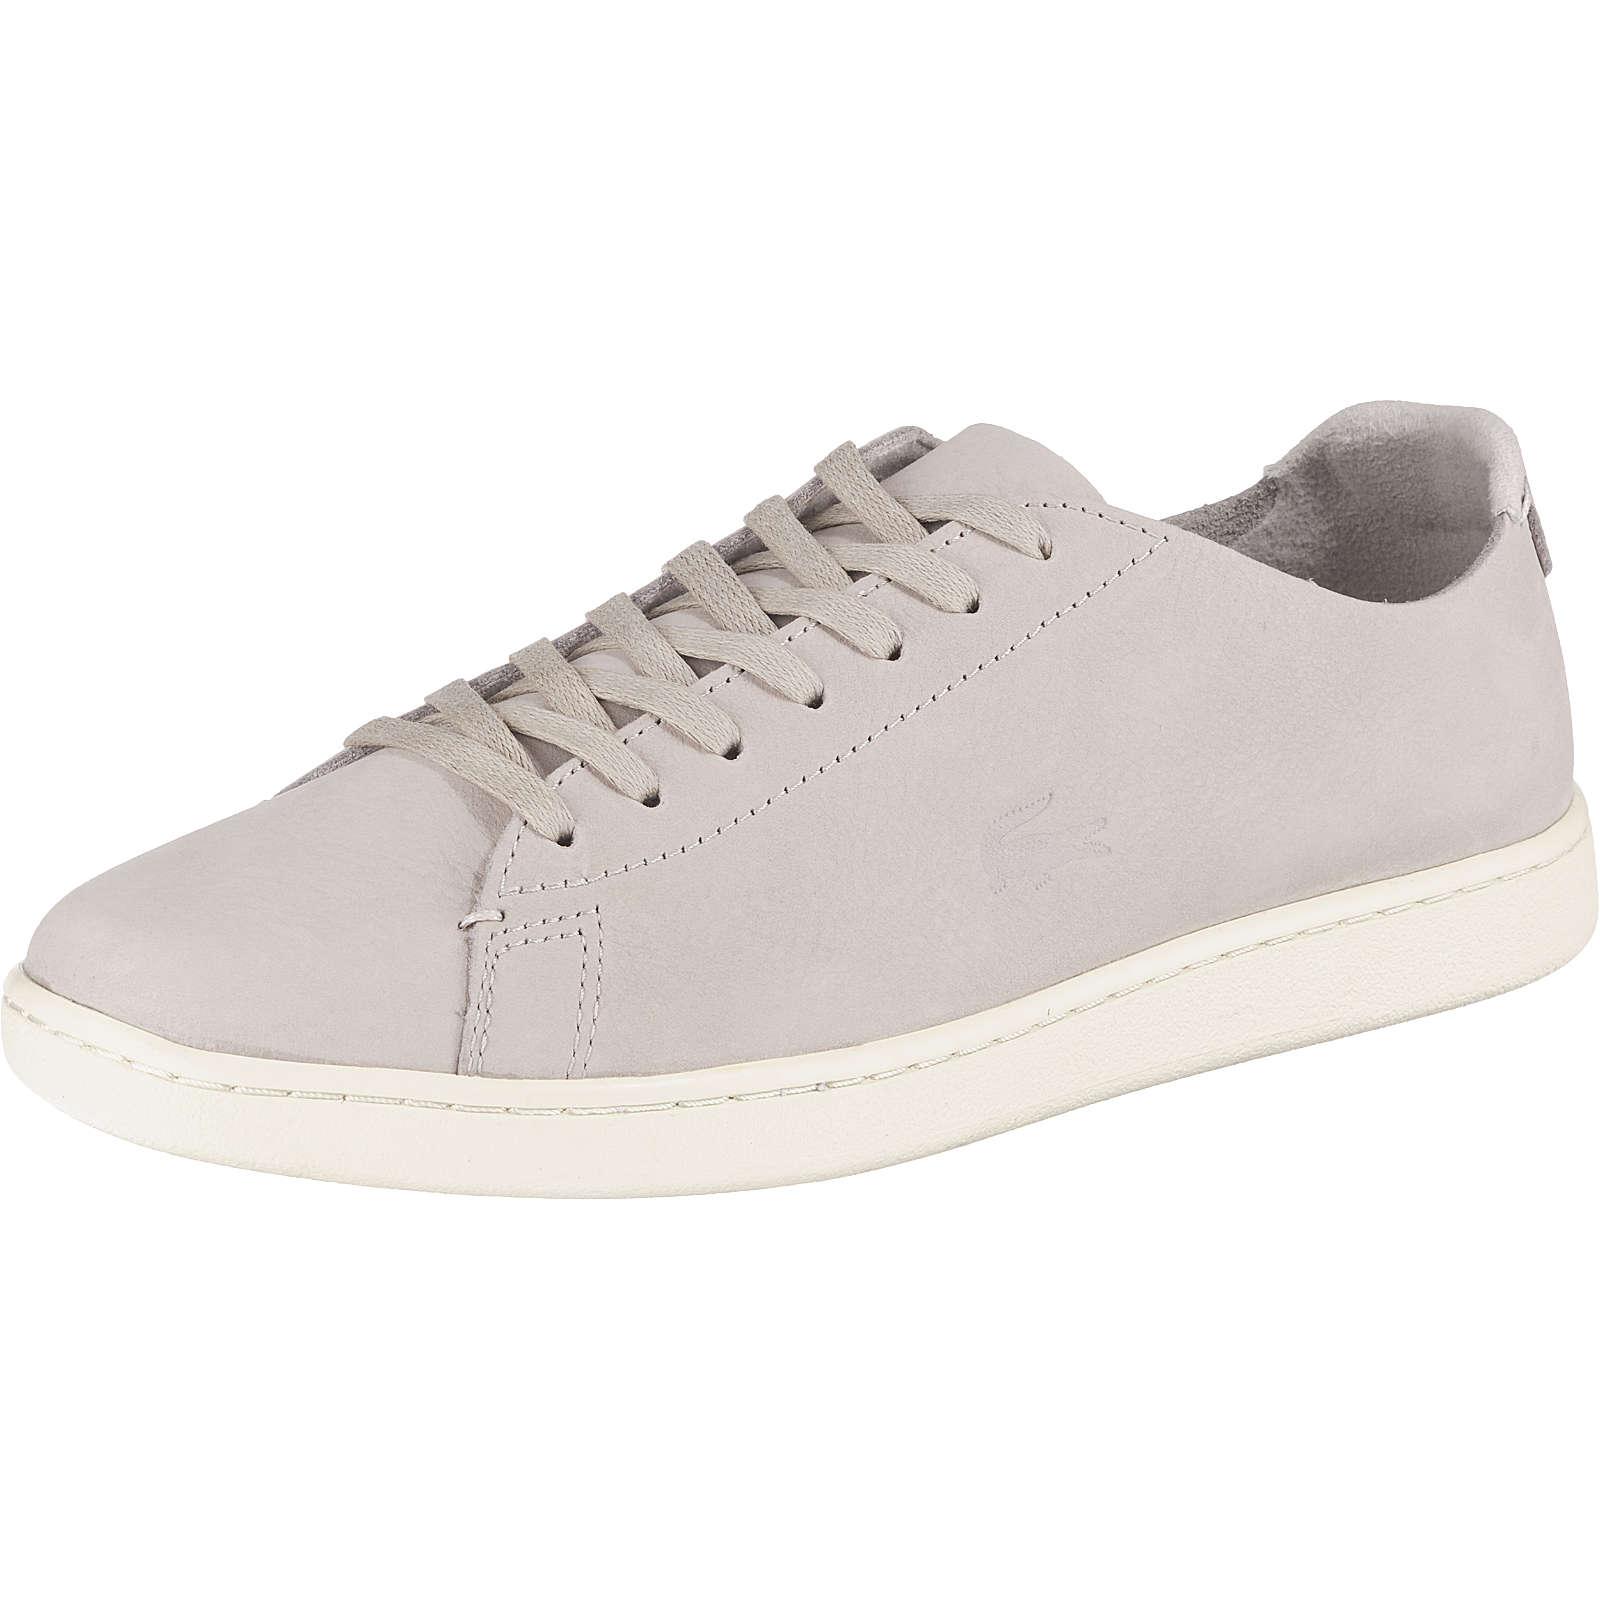 LACOSTE Carnaby Evo Sneakers Low hellgrau Damen Gr. 37,5